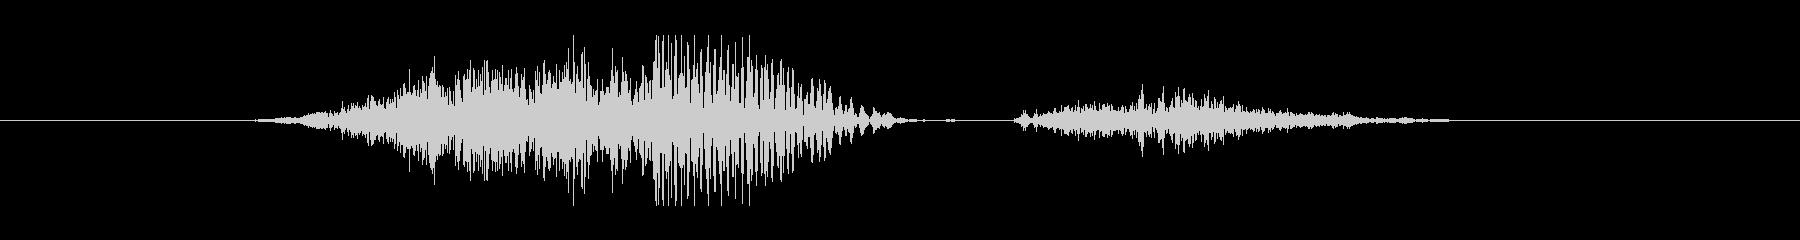 1 (アメリカ人) SIX・6!の未再生の波形